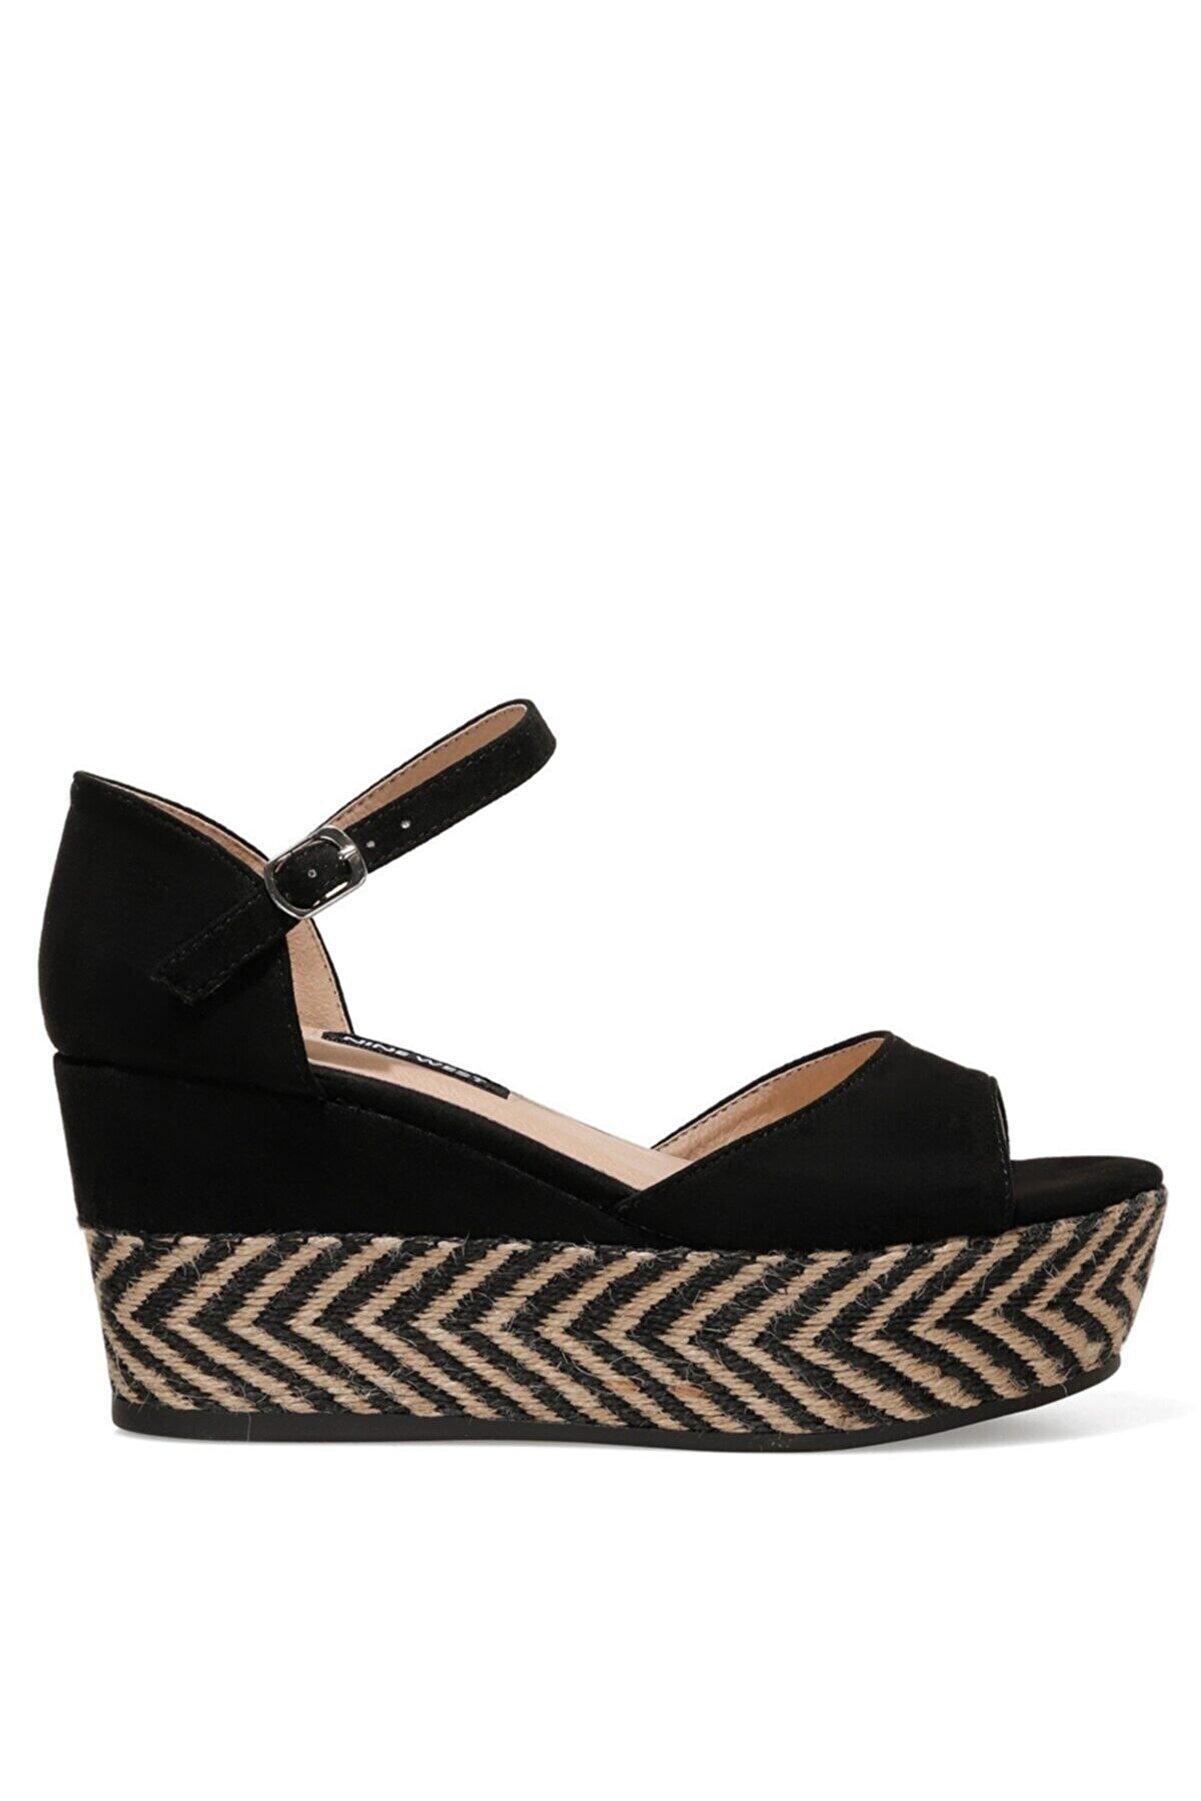 Nine West TRUDELL 1FX Siyah Kadın Dolgu Topuklu Sandalet 101030546